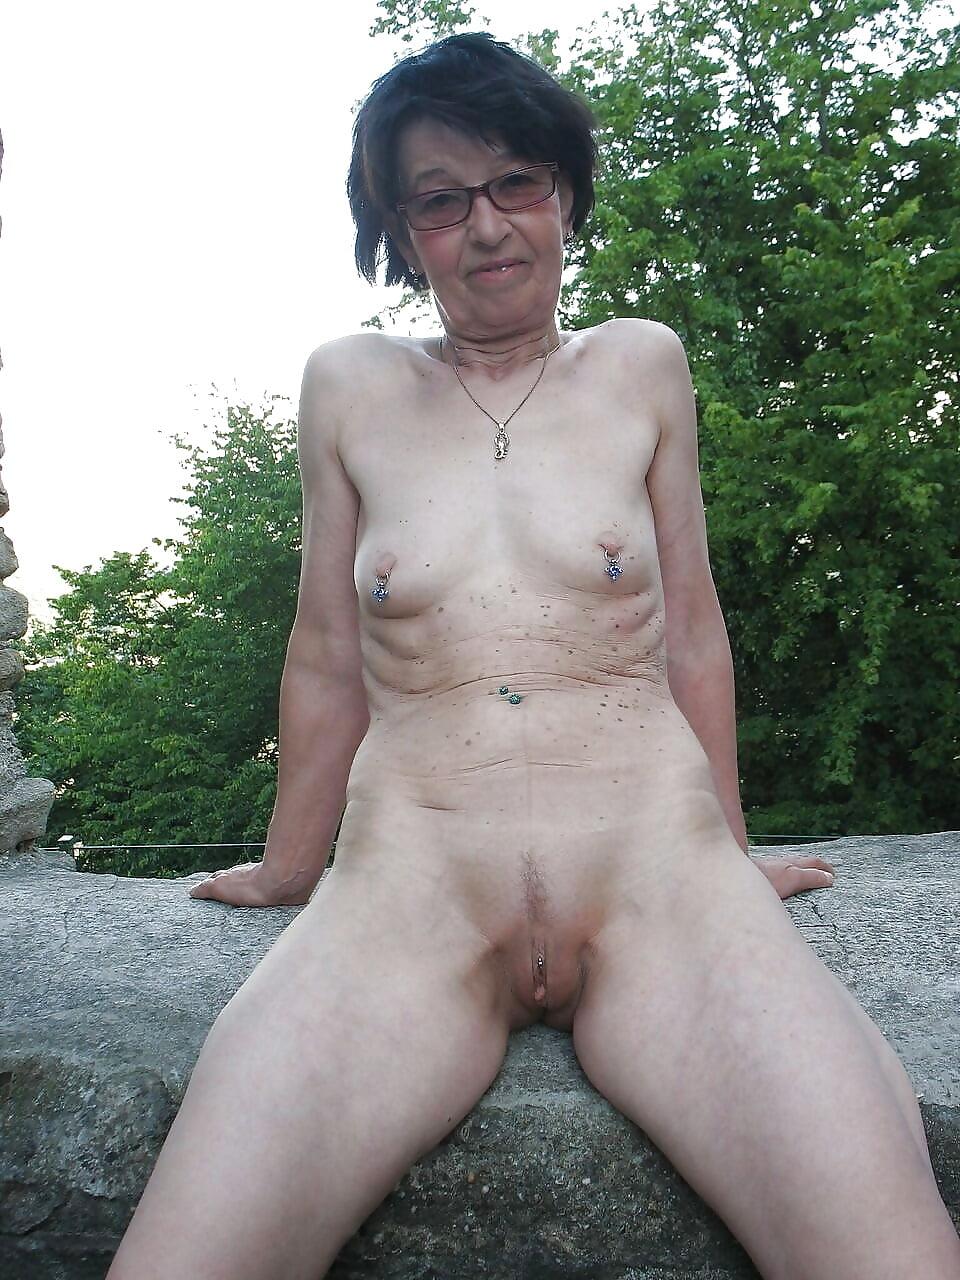 Romanian porn pics